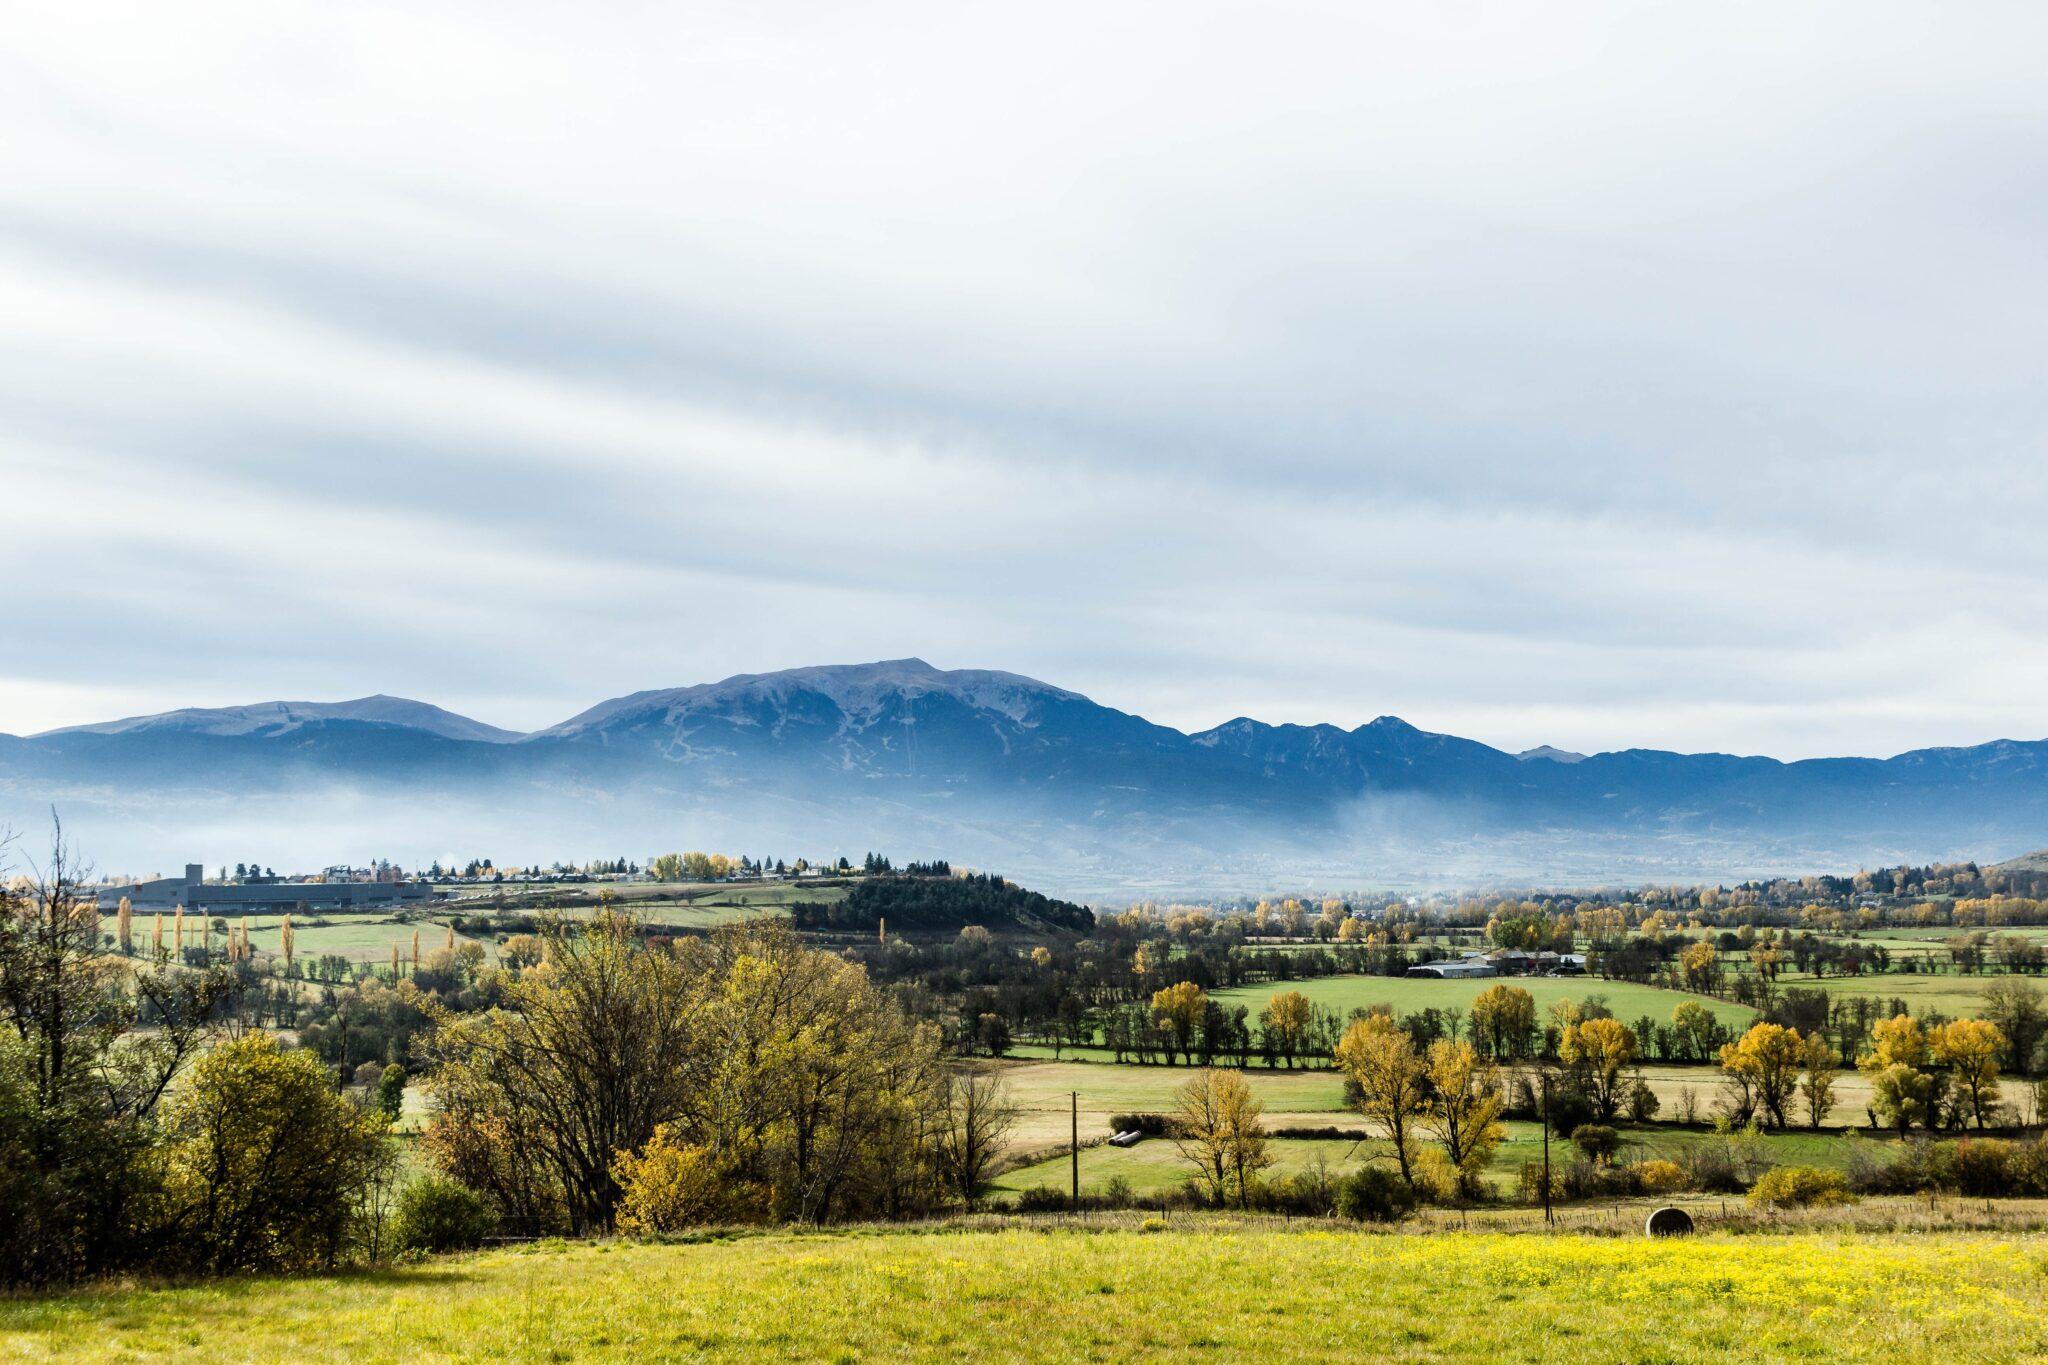 Landschaftsbild mit Feldern und von Bäumen/Büschen bewachsenen Zonen.